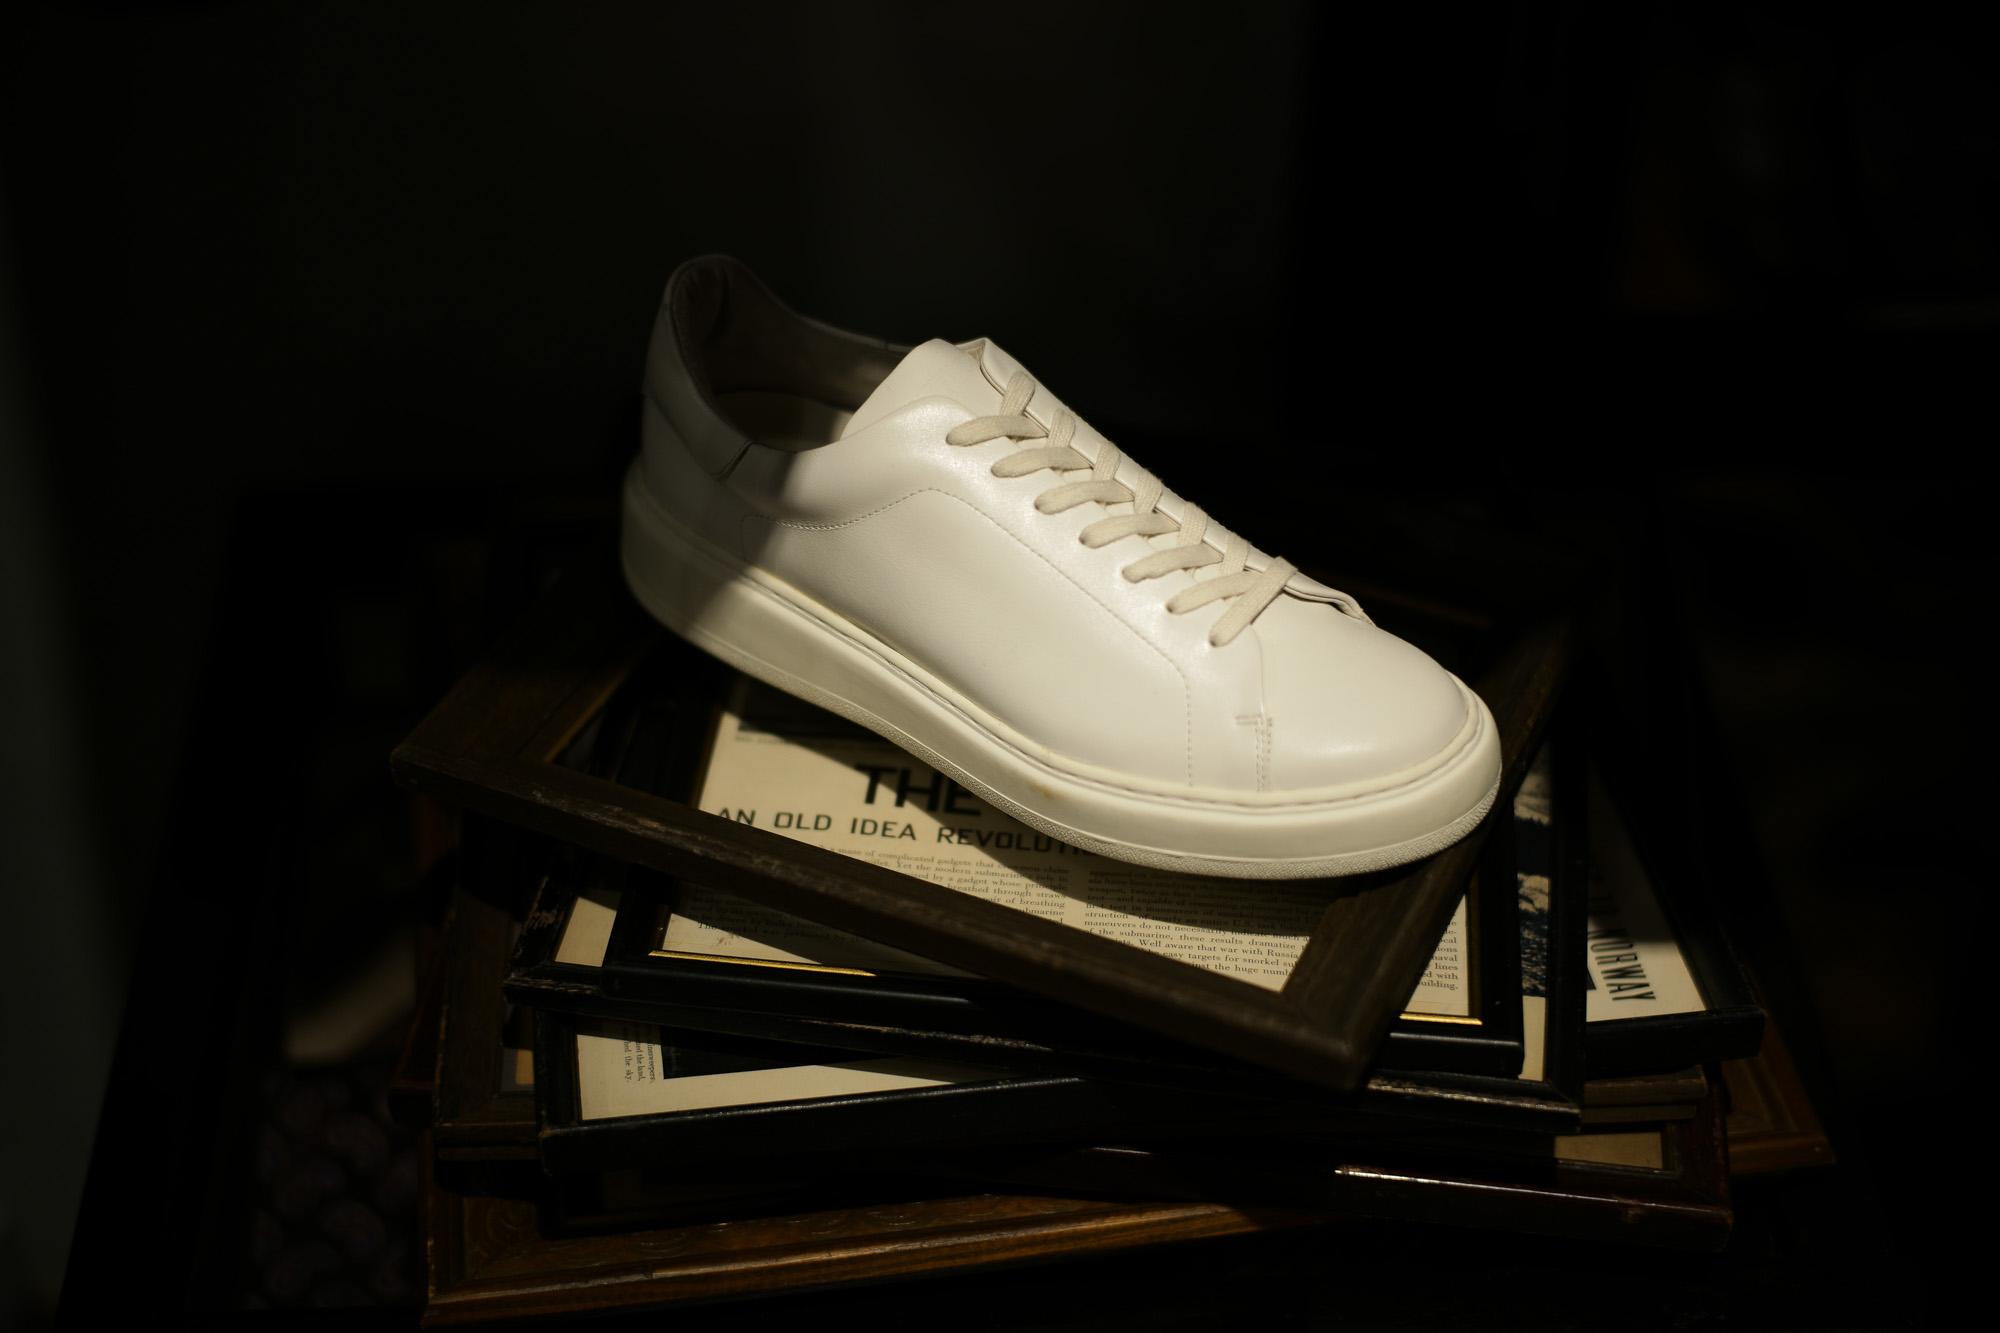 PATRICK(パトリック) CRUISE LINE クルーズライン GENOVA (ジェノバ) Annonay Vocalou Calf Leather (アノネイ社 ボカルーカーフ レザー) ローカット レザー スニーカー WHITE (ホワイト・WHT) MADE IN JAPAN(日本製) 【1st コレクション // 復刻モデル】【スペシャル限定モデル】【第2便ご予約受付中】【第3便ご予約受付中】【第4便ご予約受付開始】 patrick パトリック cruiseline クルーズライン 愛知 名古屋 ZODIAC ゾディアック 干場義雅 坪内浩